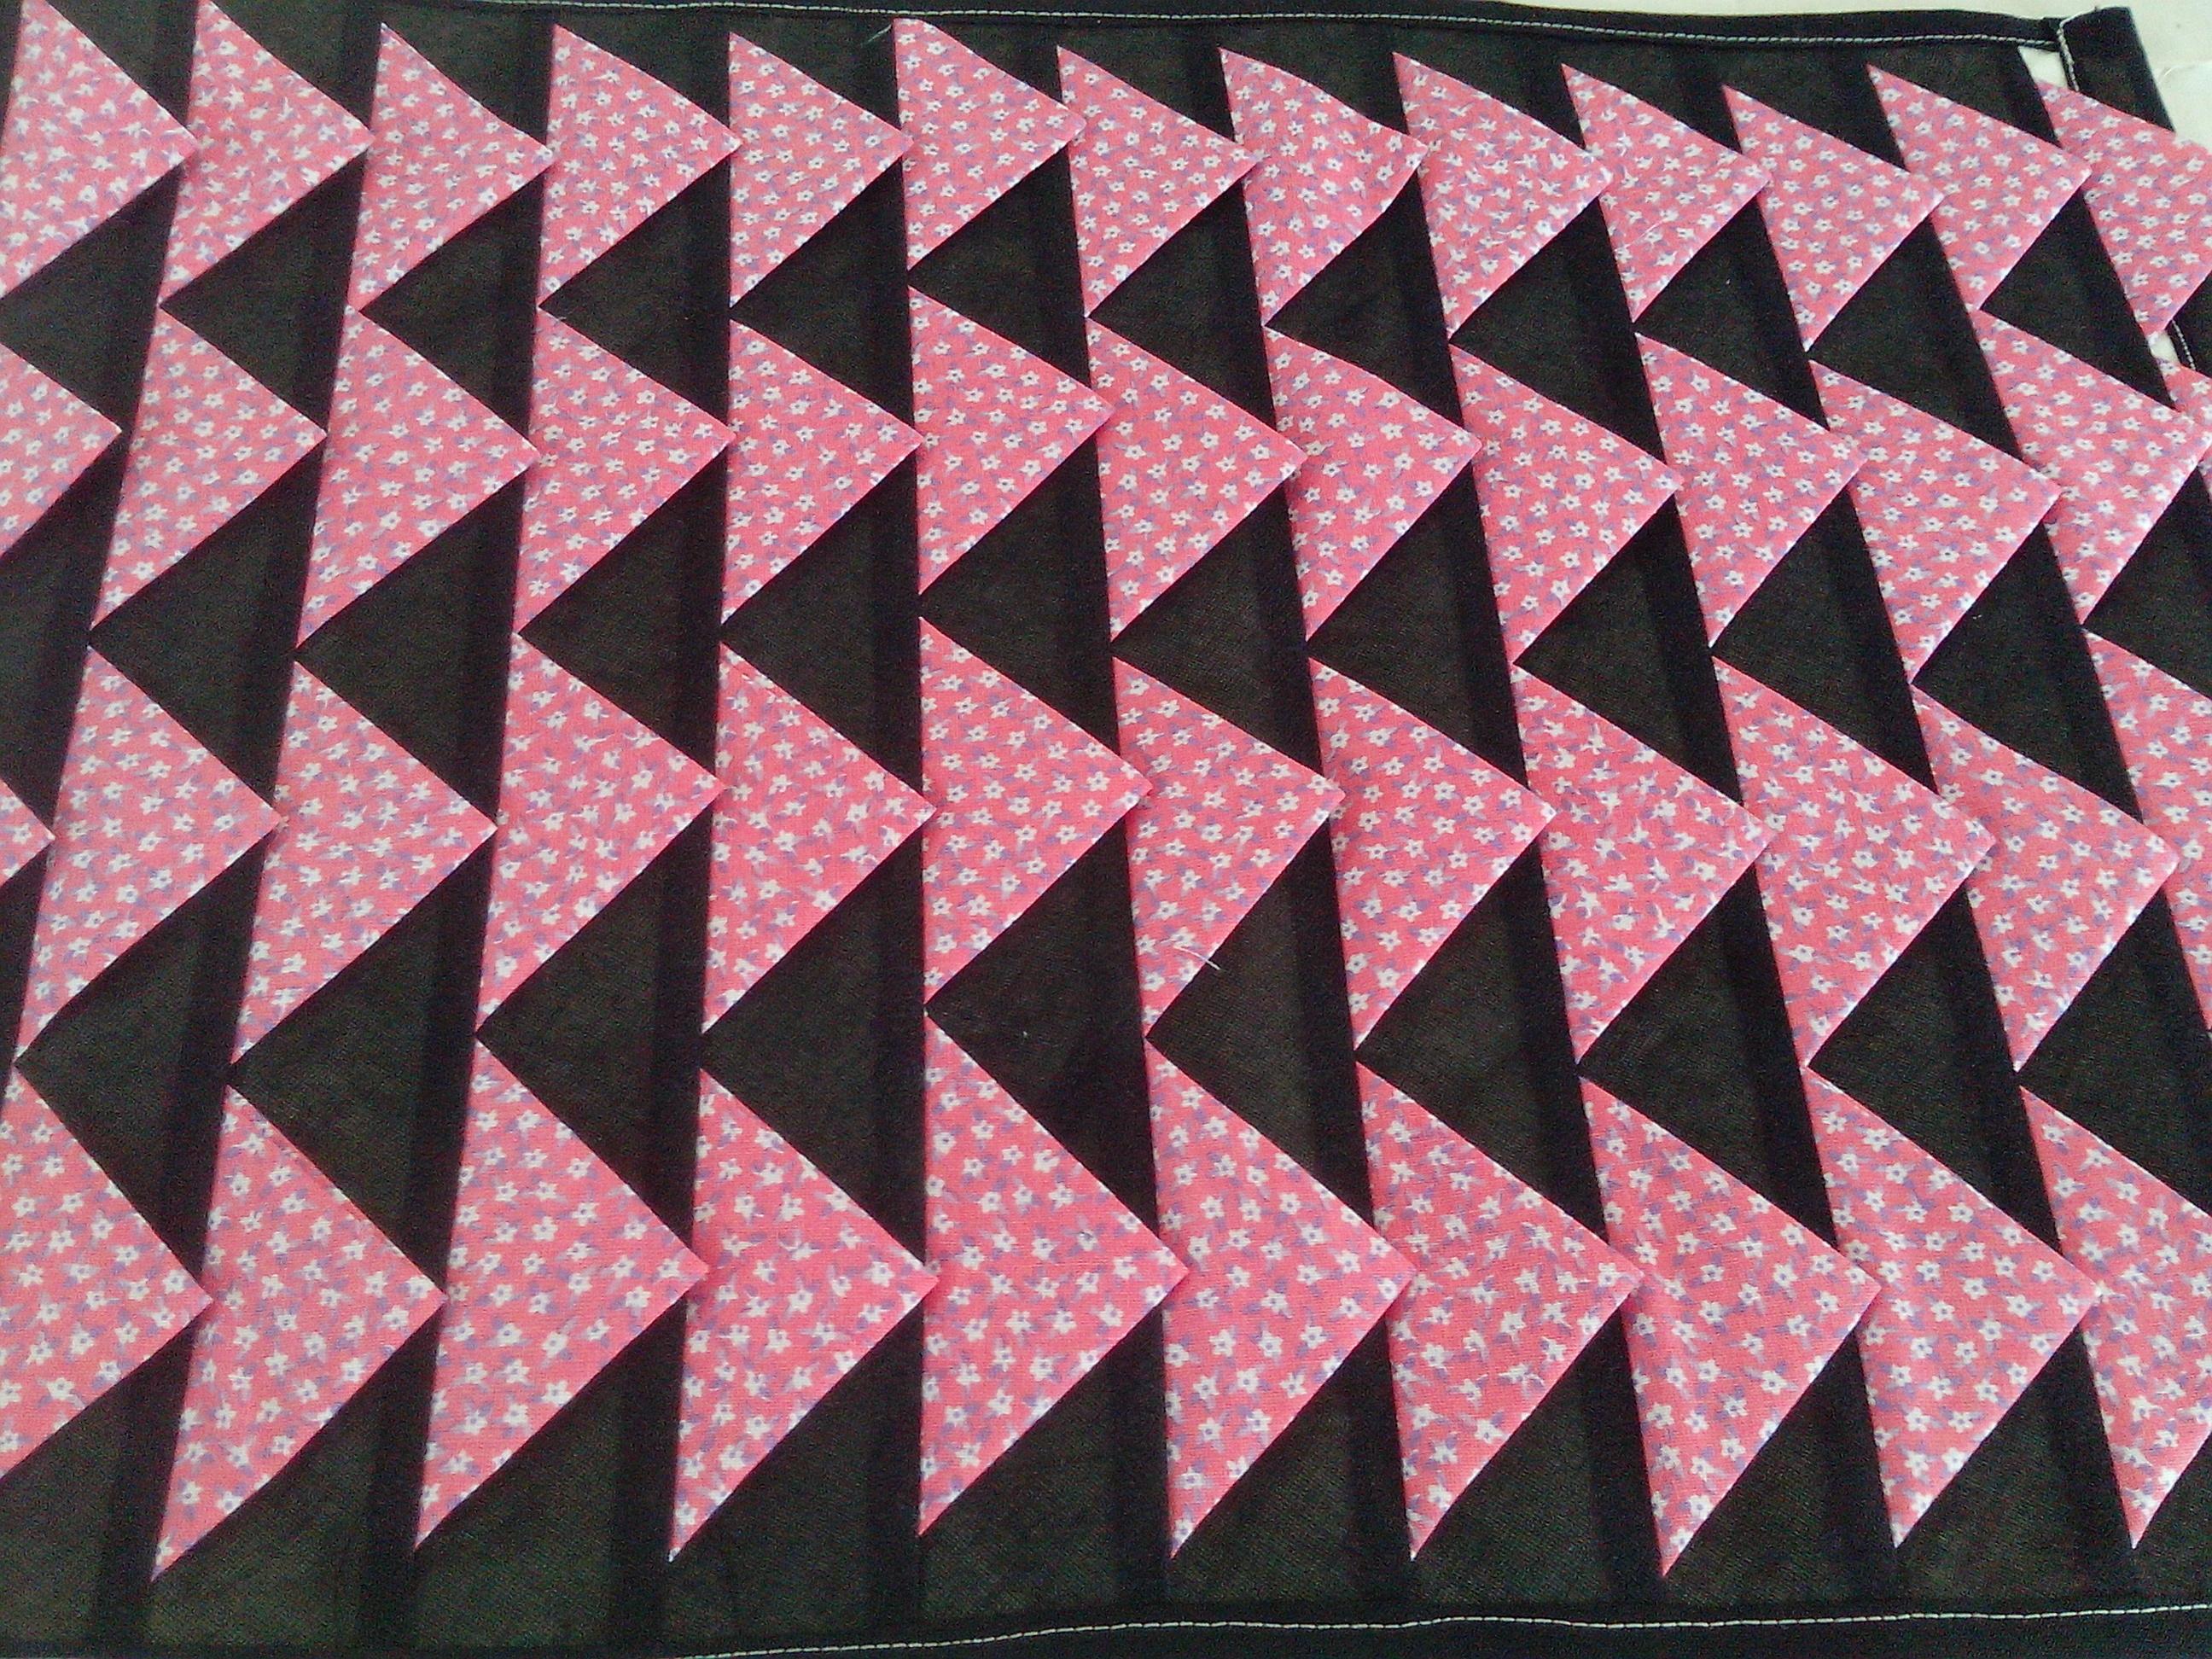 Patchwork Tapete Banheiro : tapetes de escama em patchwork tapete de banheiro tapetes de escama em